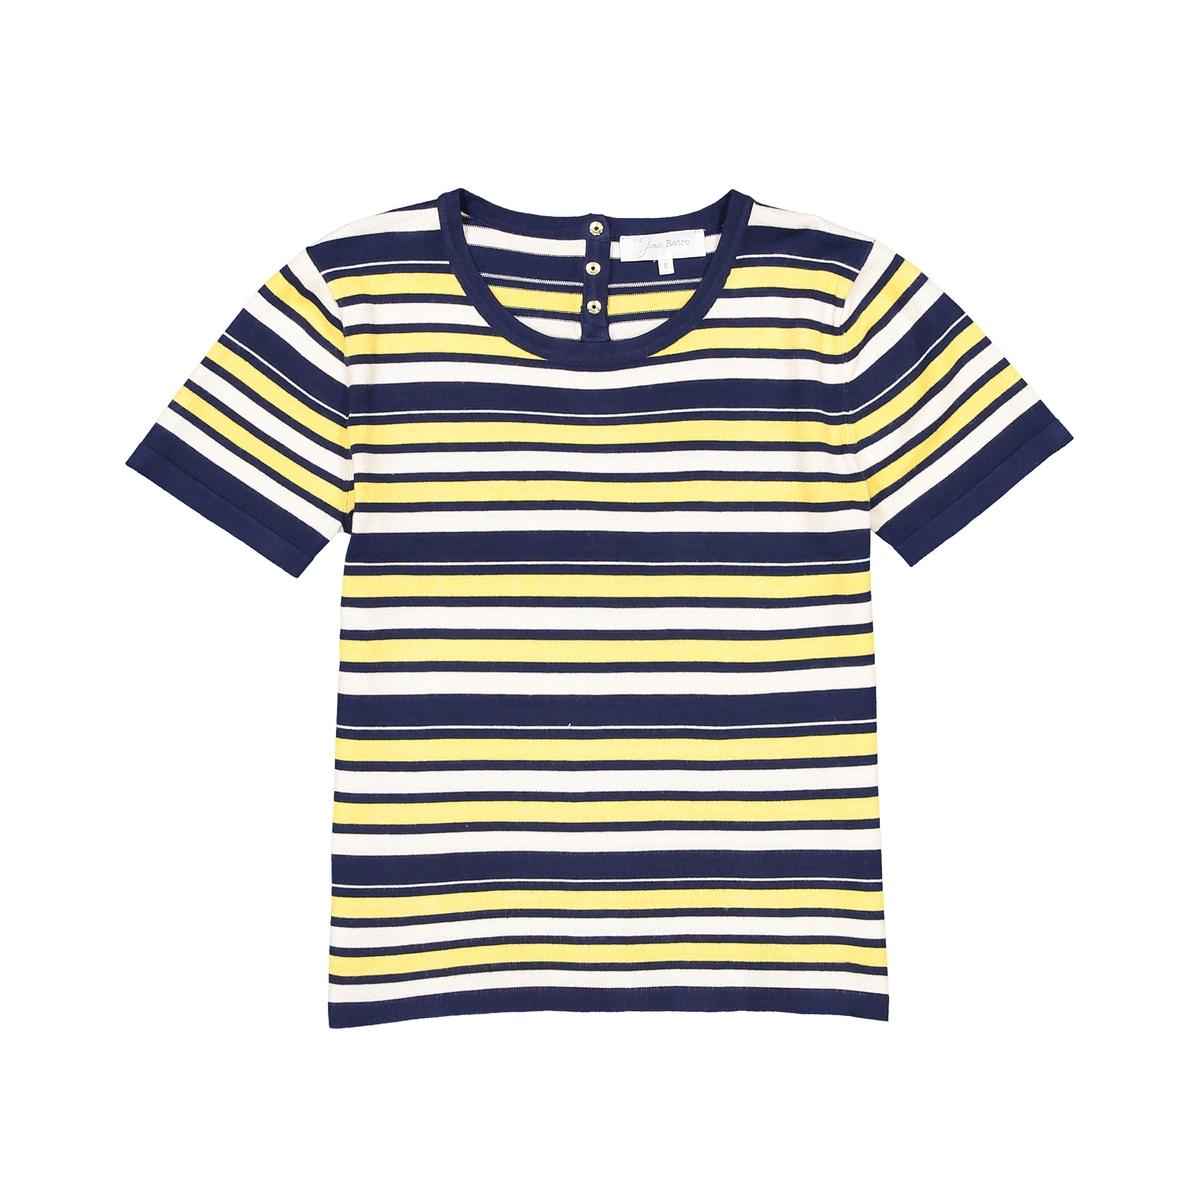 Пуловер с круглым вырезом из вискозыДетали  •  Классическая модель •  Короткие рукава •  Круглый вырез •  Тонкий трикотаж •  Рисунок в полоскуСостав и уход •  80% вискозы, 20% полиамида •  Следуйте советам по уходу, указанным на этикетке<br><br>Цвет: темно-синий/ желтый<br>Размер: S